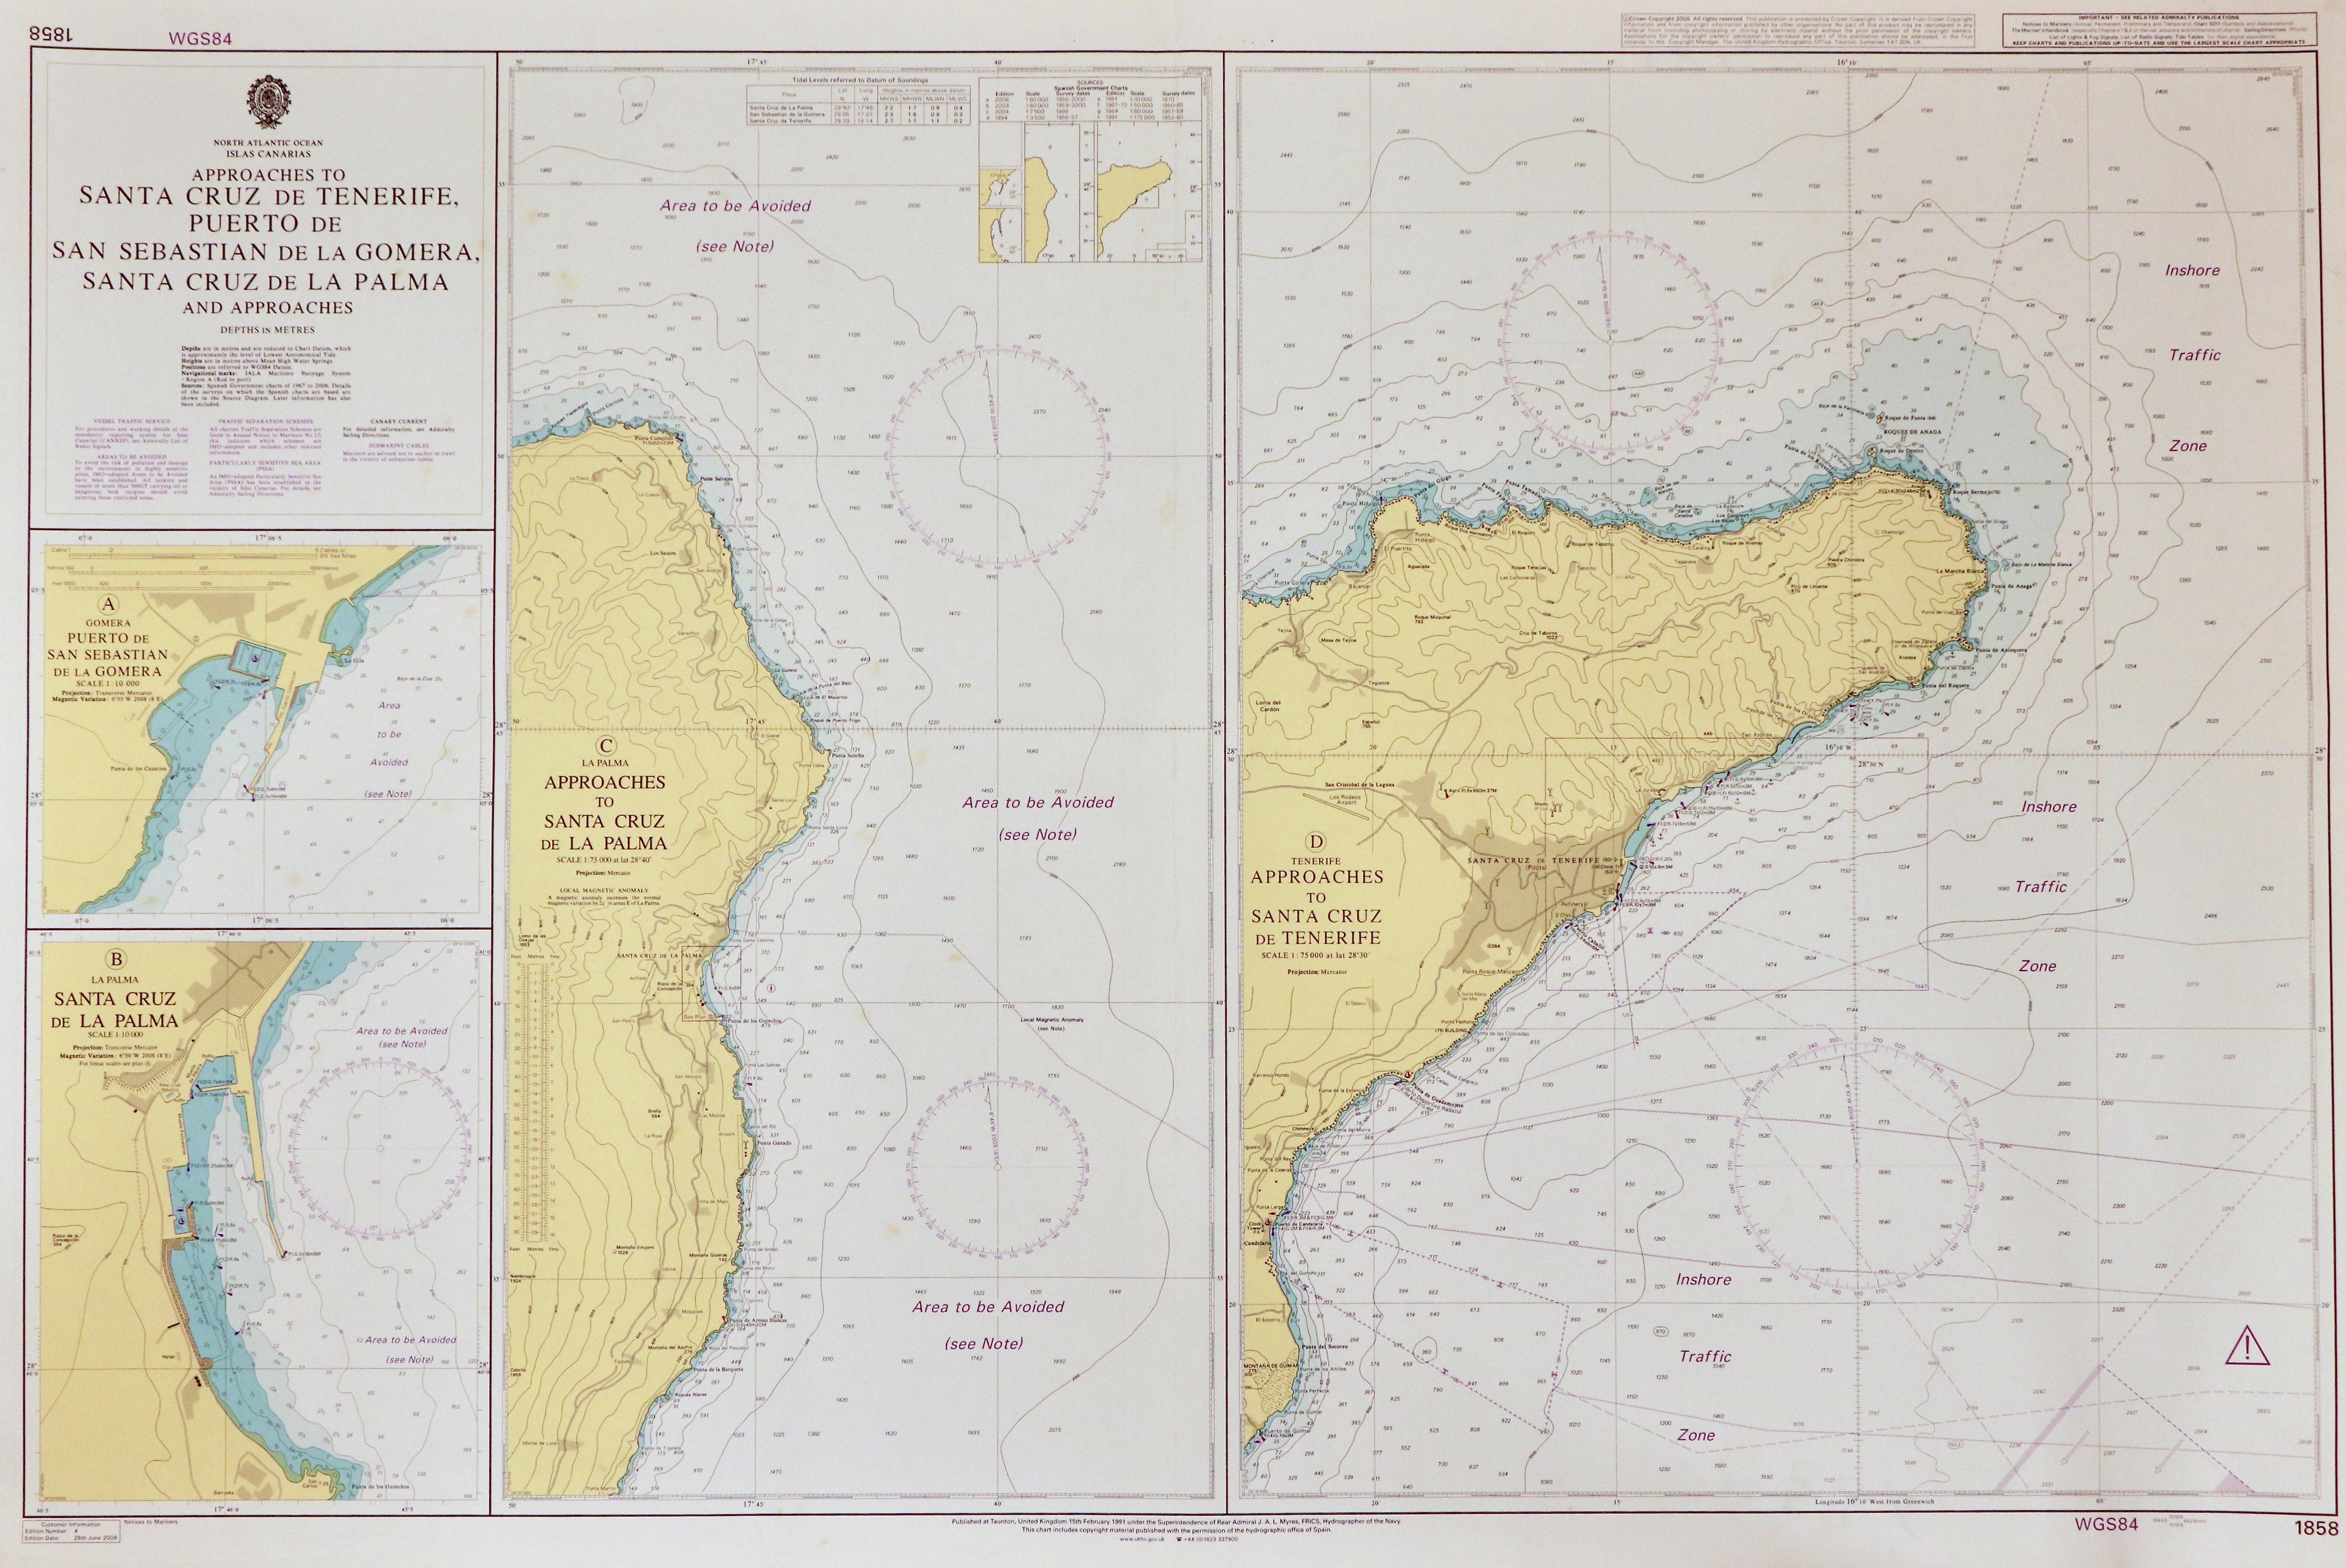 23 - Santa Cruz de Tenerife